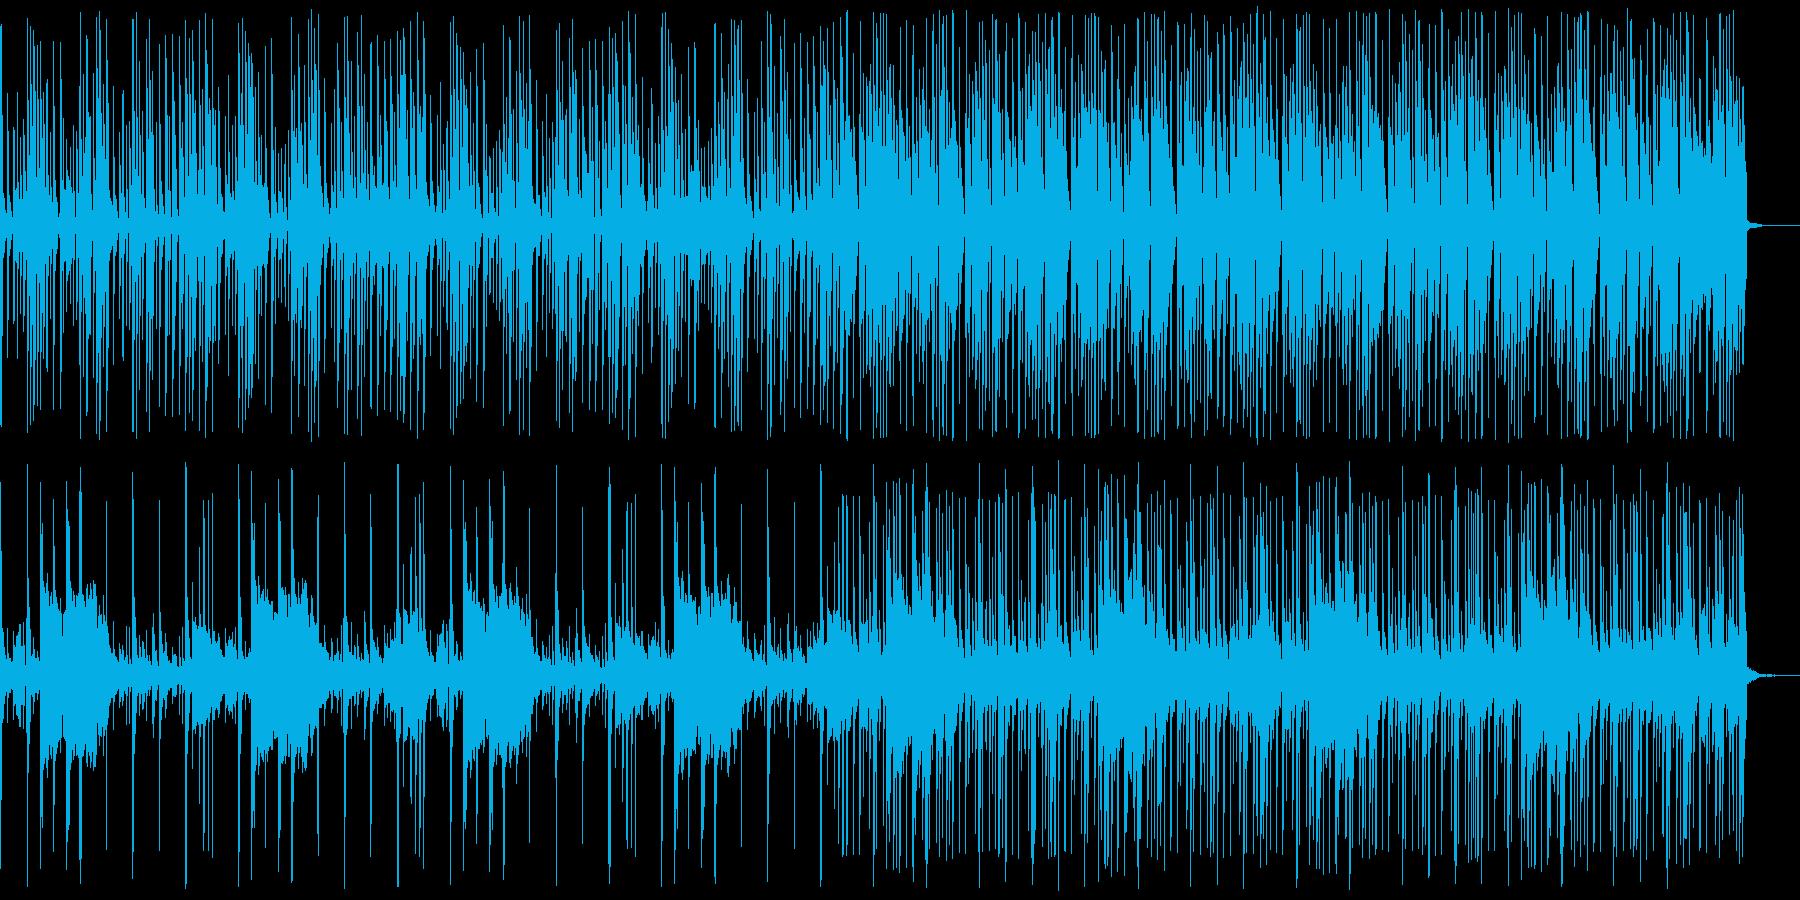 野生の森の中にいるイメージができる曲の再生済みの波形